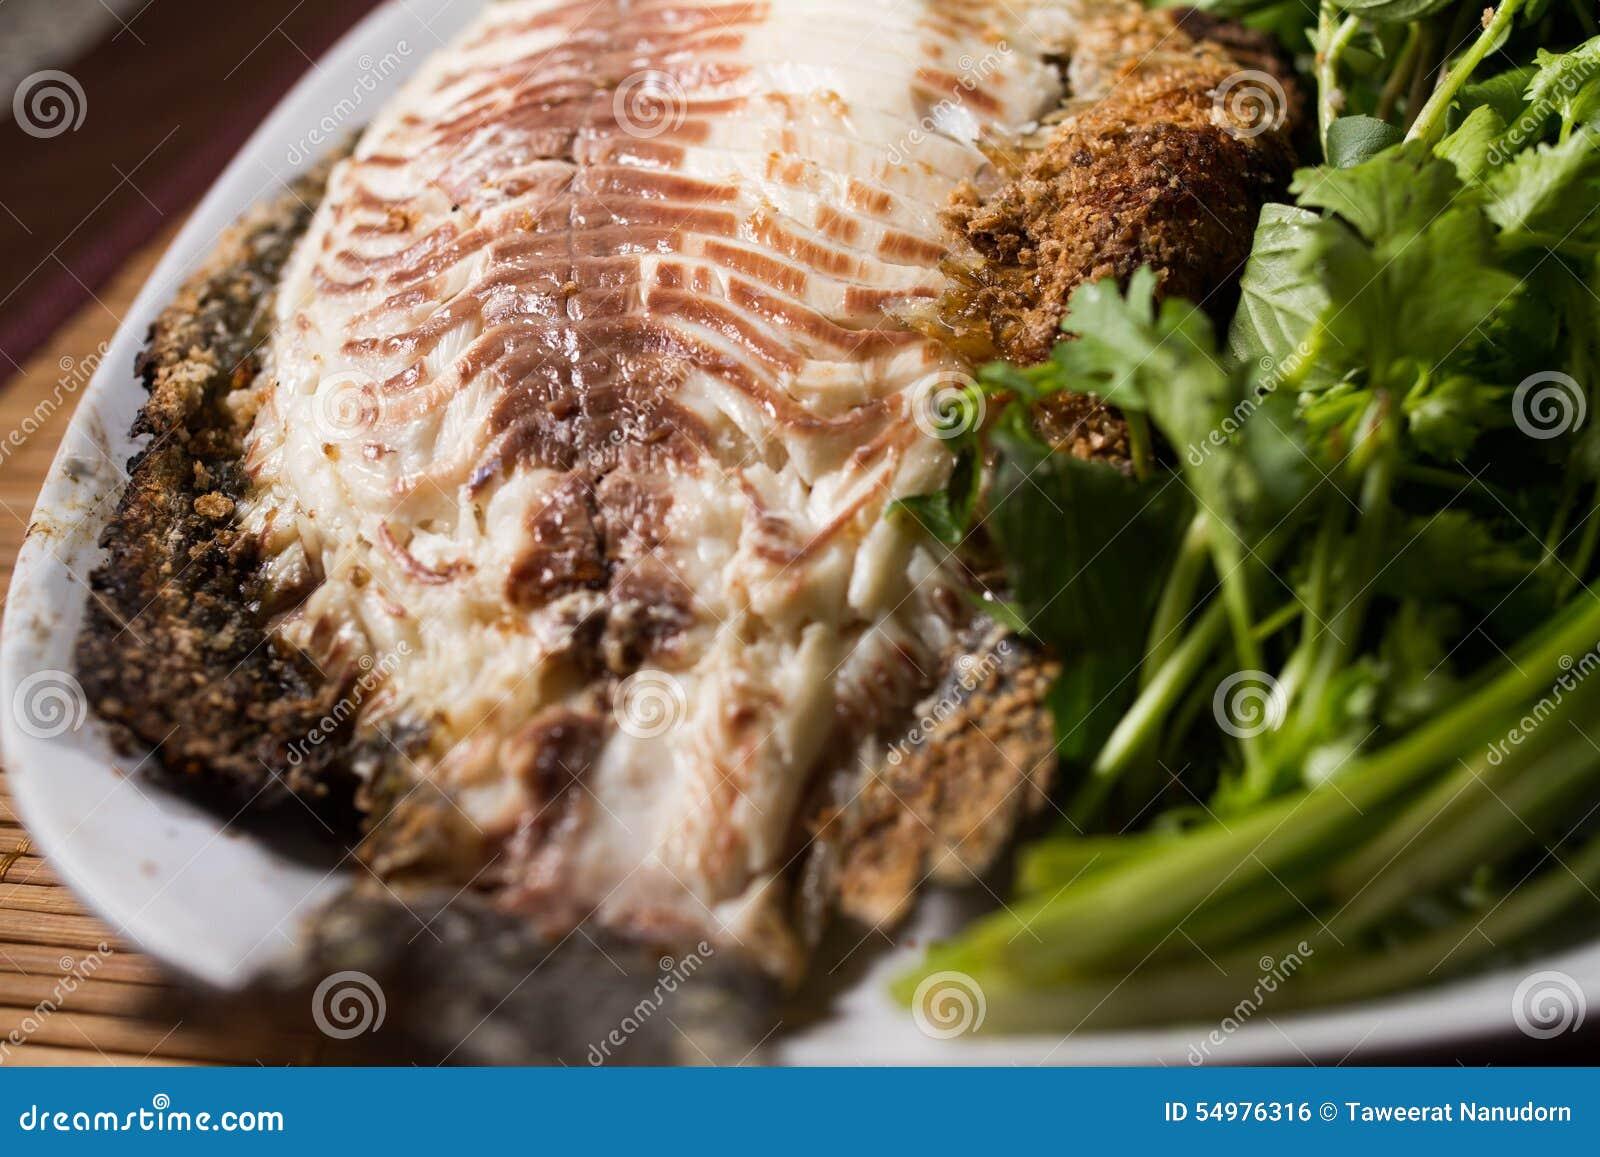 Bakad fisk med havs- sås